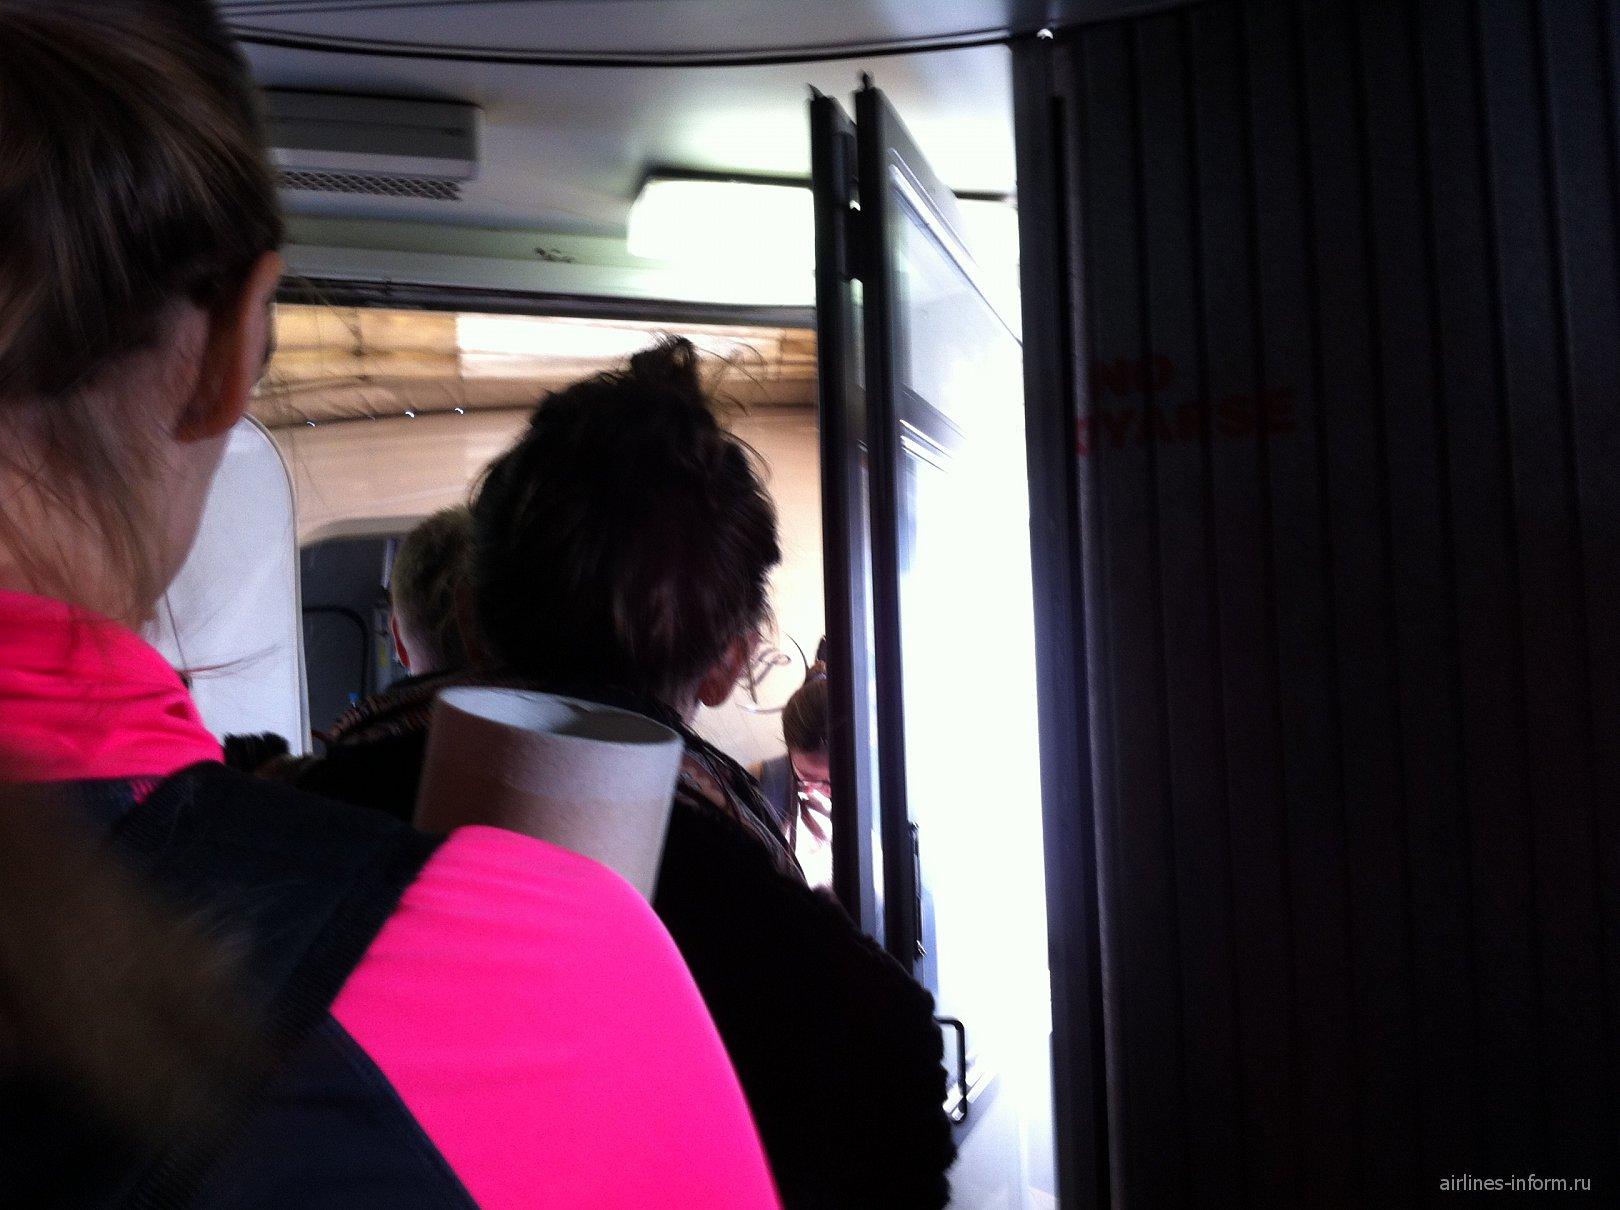 Перед входом в самолет